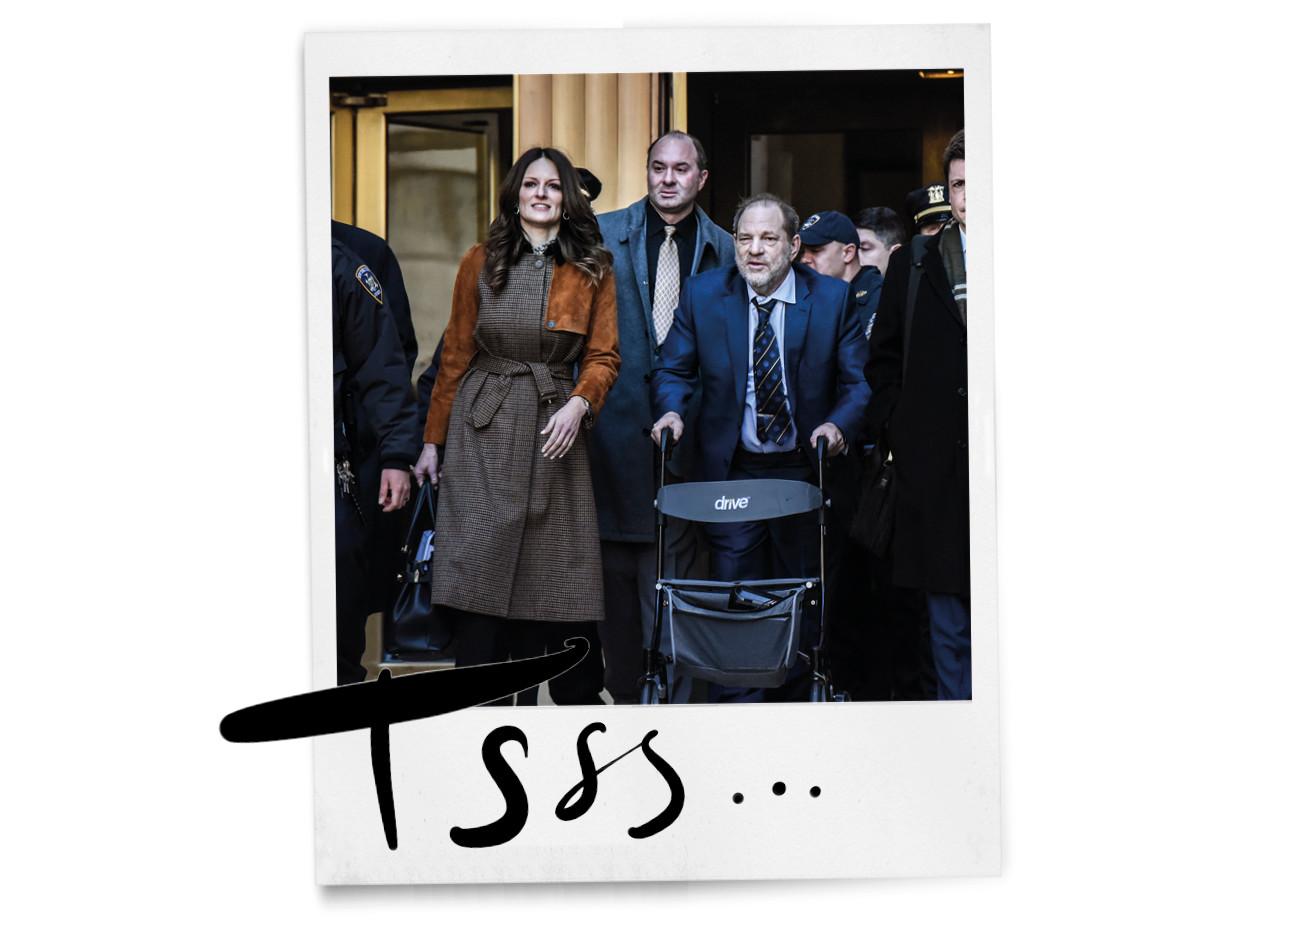 Harvey Weinstein en advocaat Donna Rutonno buiten lopen met pers en bewaking achter rollator